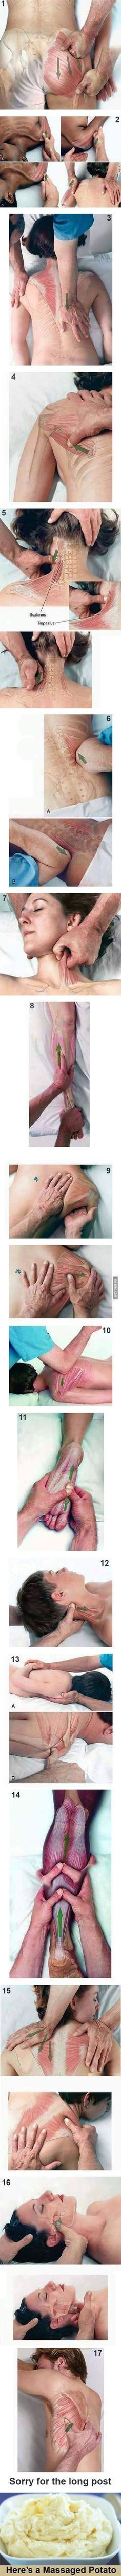 ¿Cómo dar un buen masaje